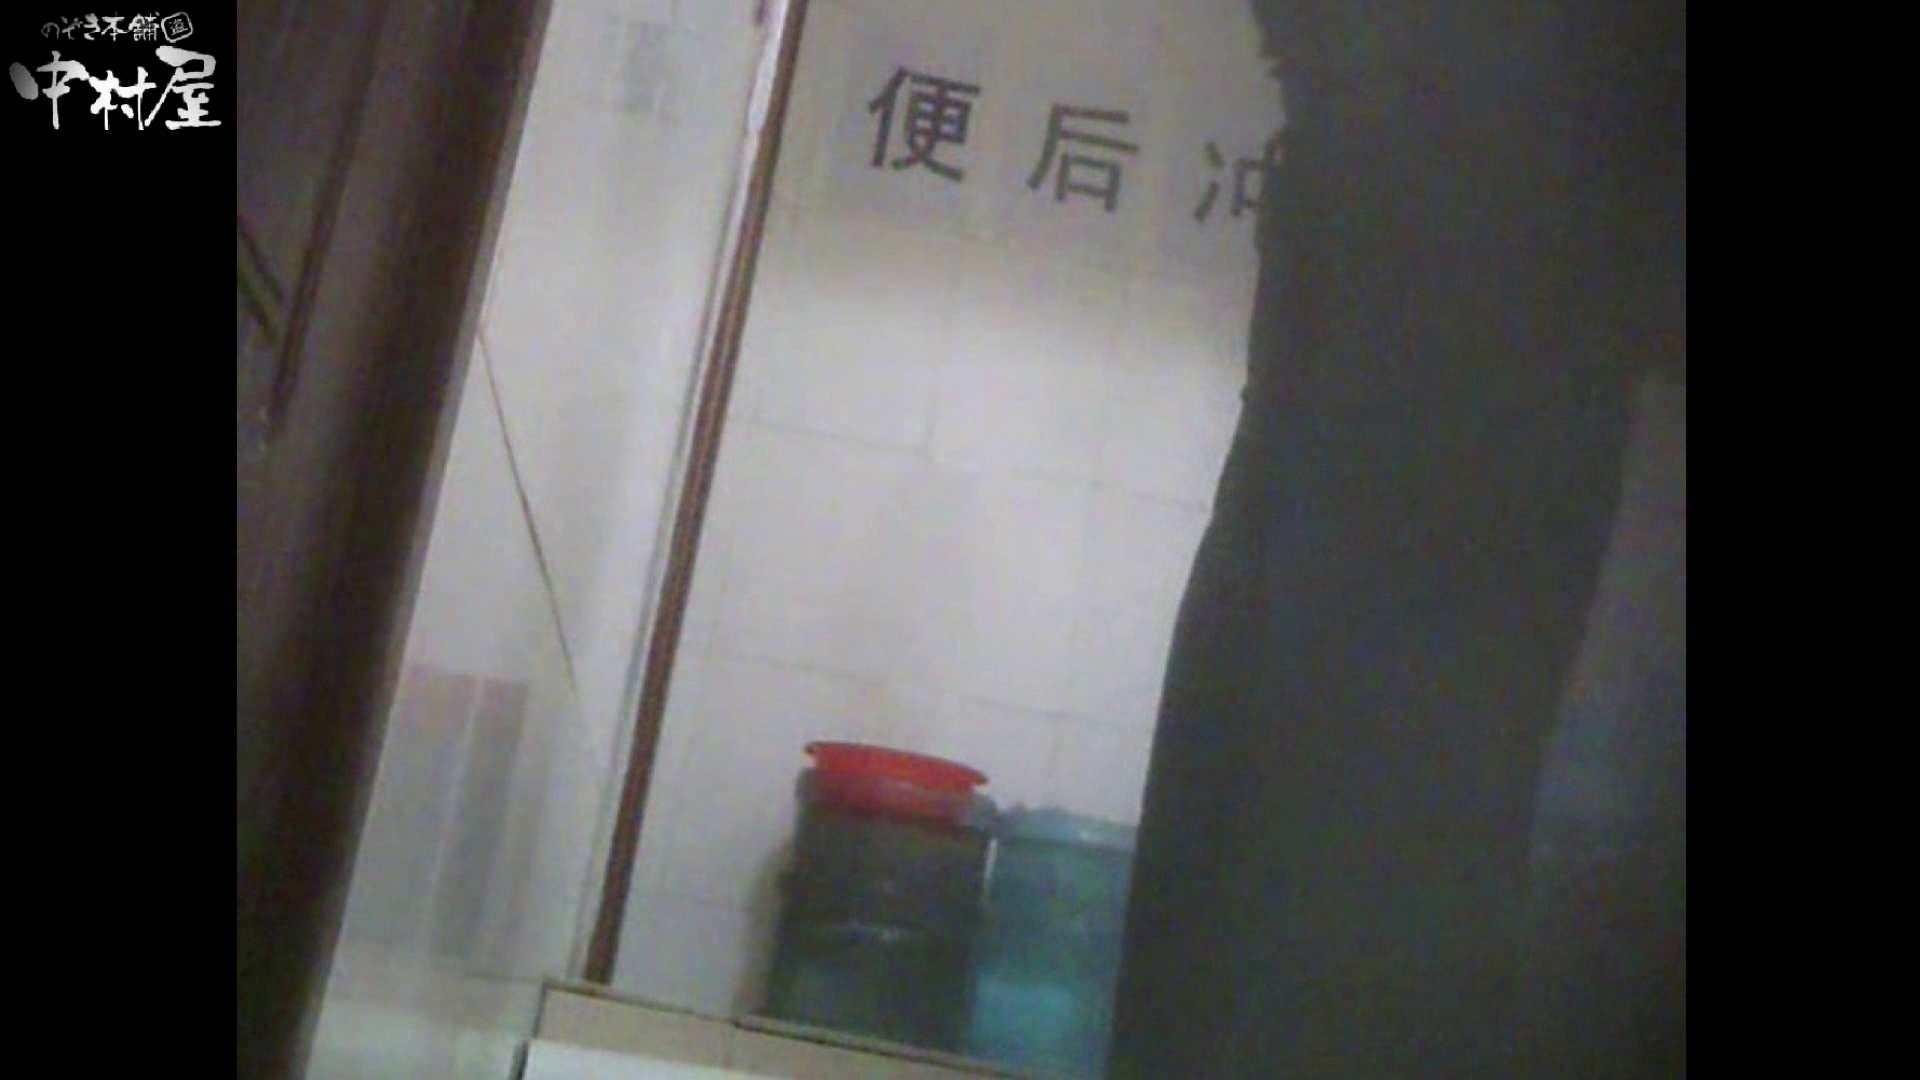 李さんの盗撮日記 Vol.03 盗撮大放出 ワレメ無修正動画無料 77連発 14